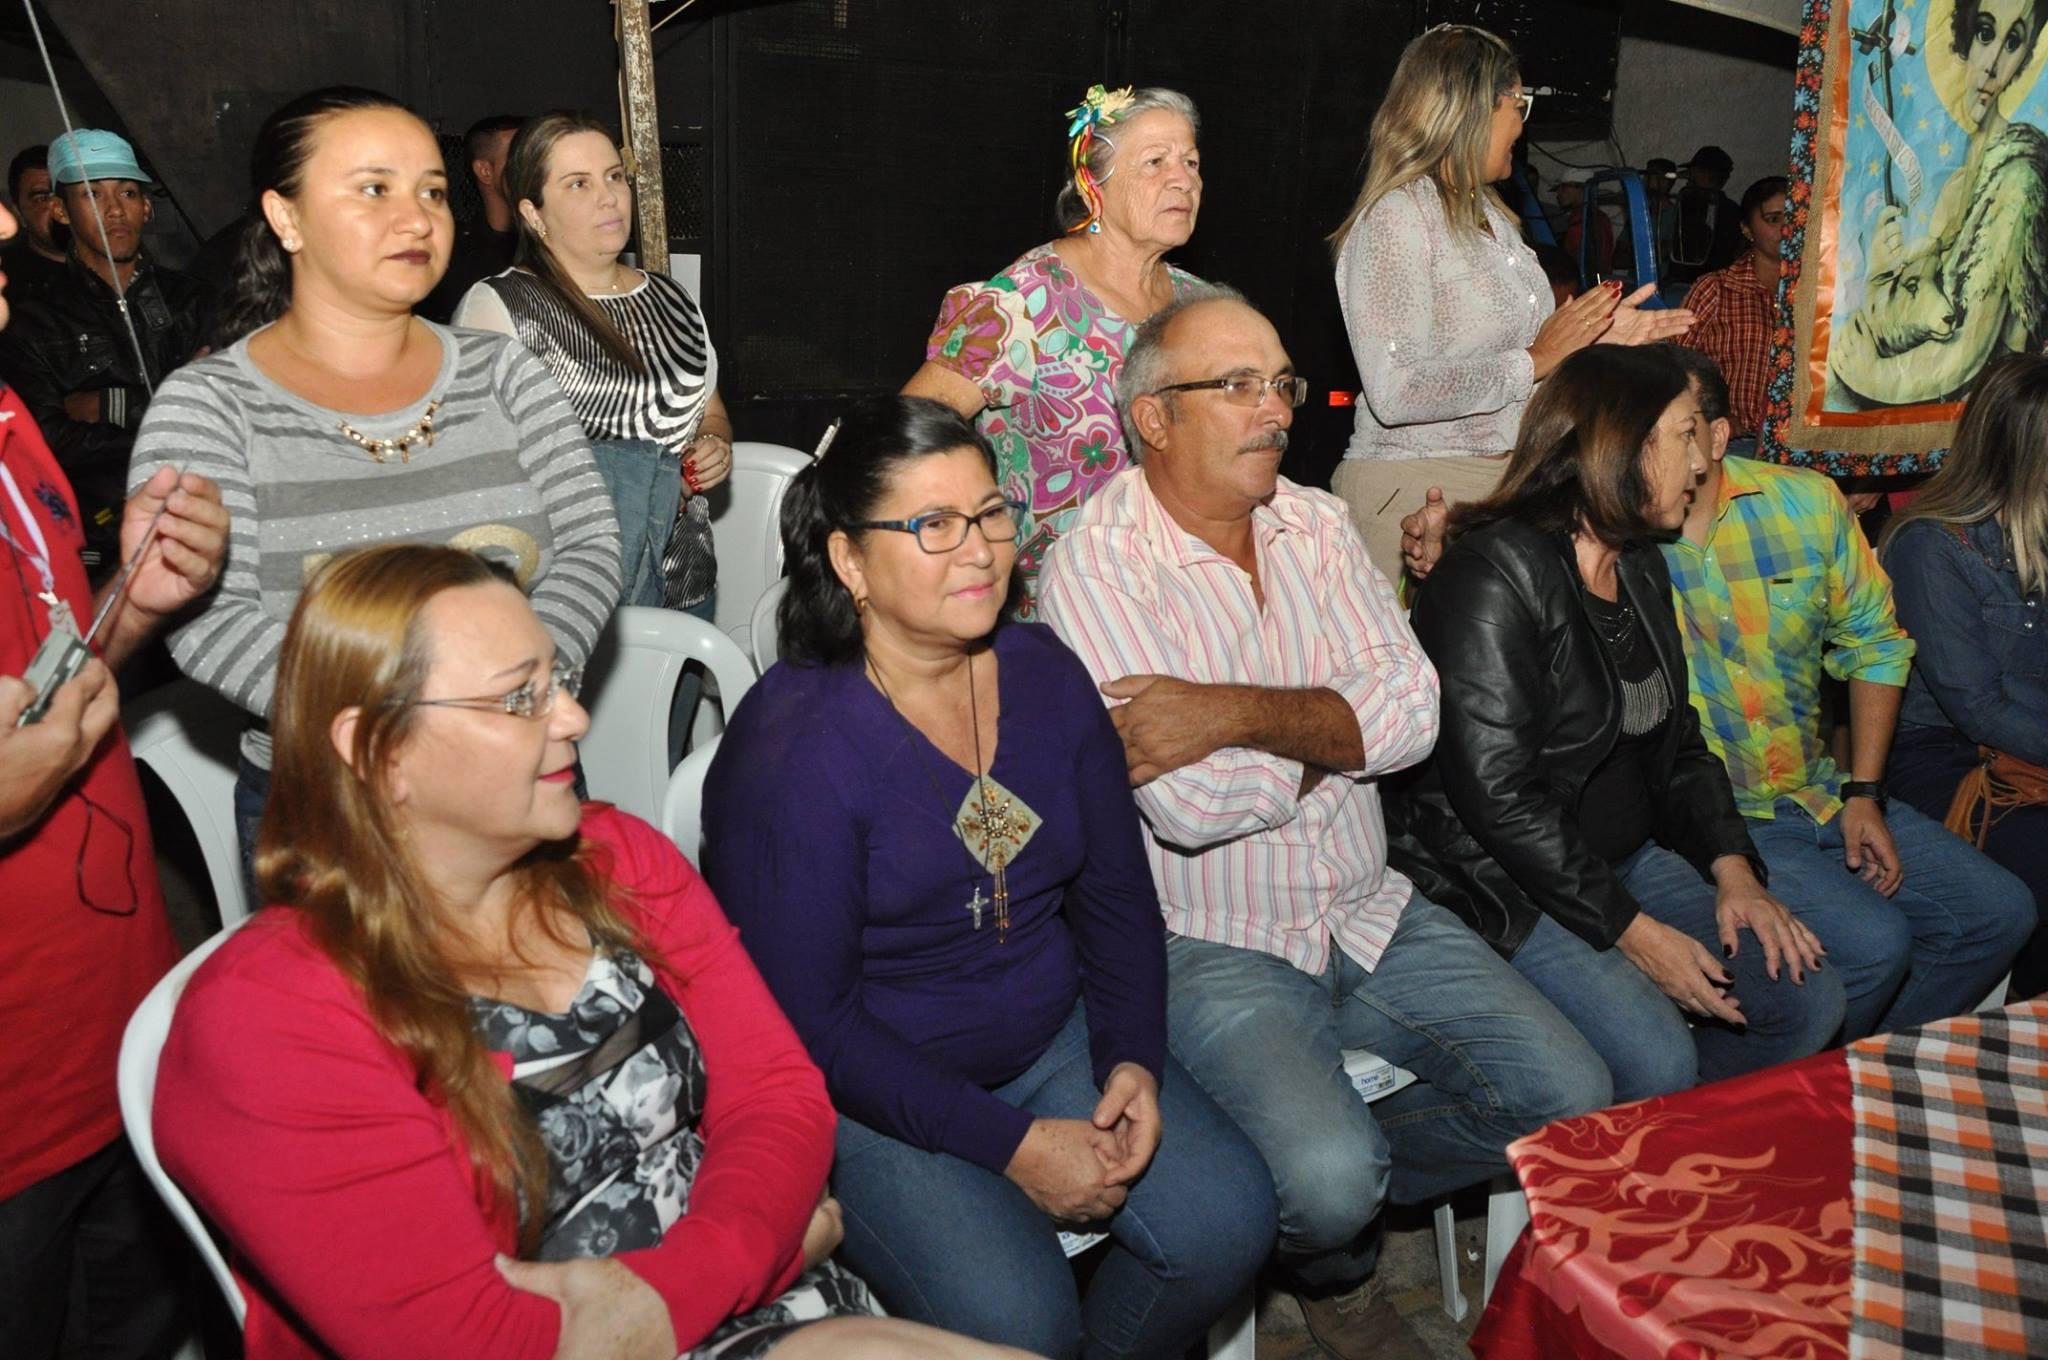 19095690_1899327170340473_7142925016974762504_o-1024x680 OPIPOCO mostra como foi a Segunda noite do festival de quadrilhas em Monteiro. Confira Imagens